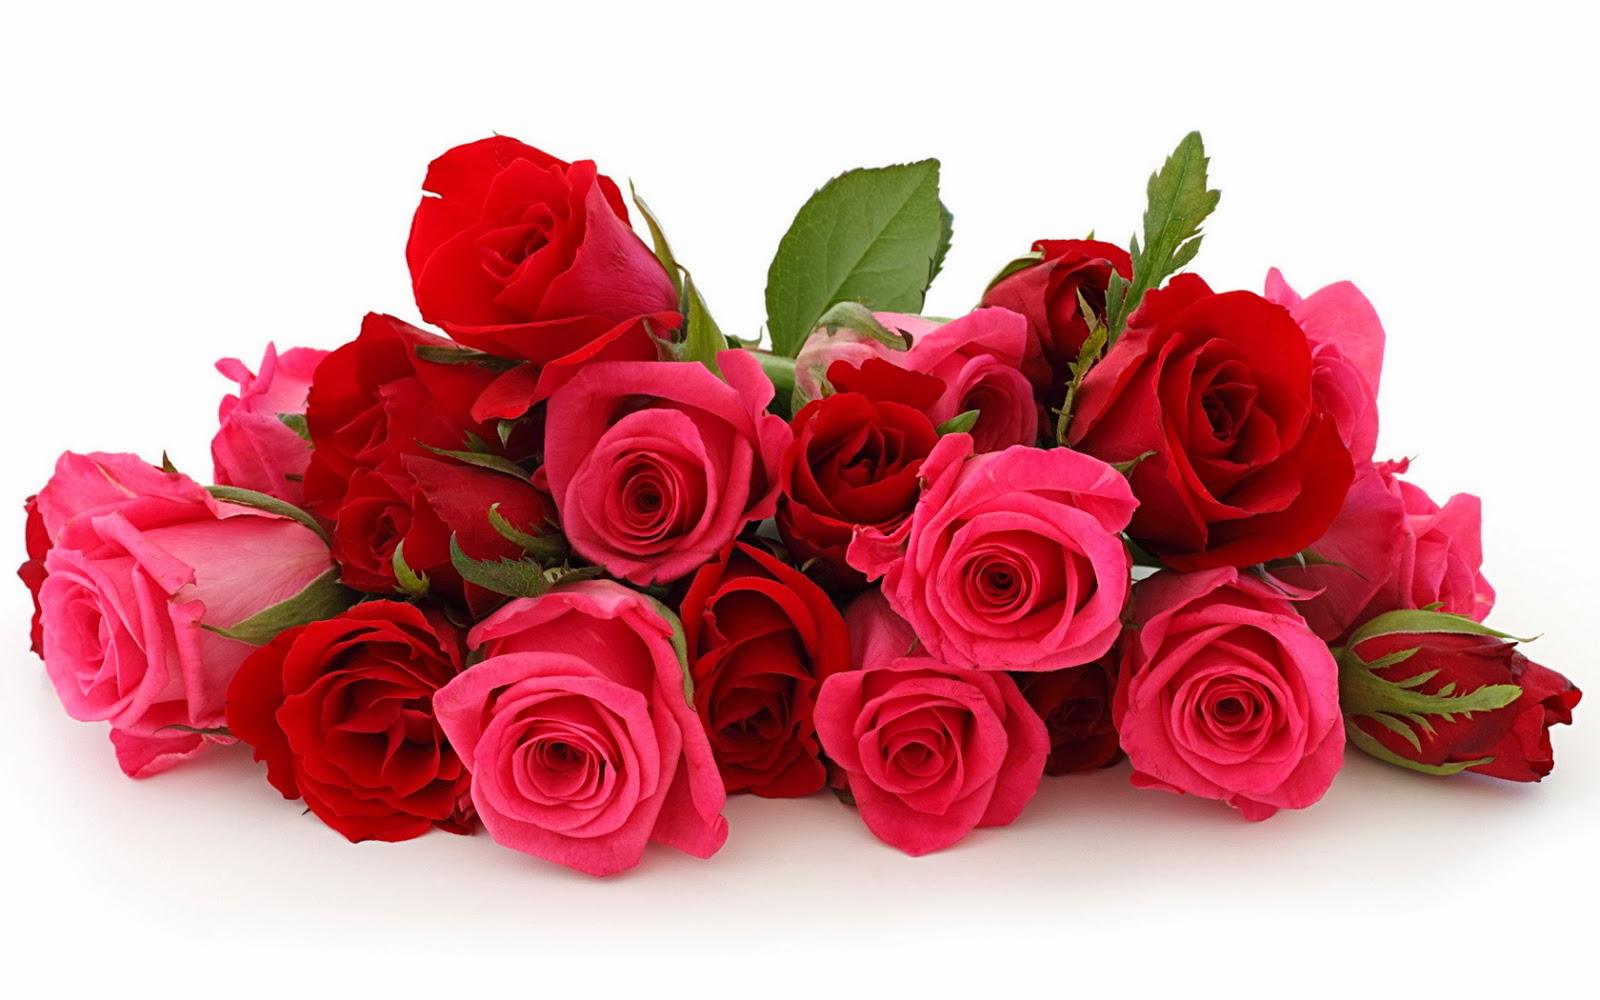 Fotos de ramo de flores fotos bonitas de amor im genes - Ramos de flores bonitos ...